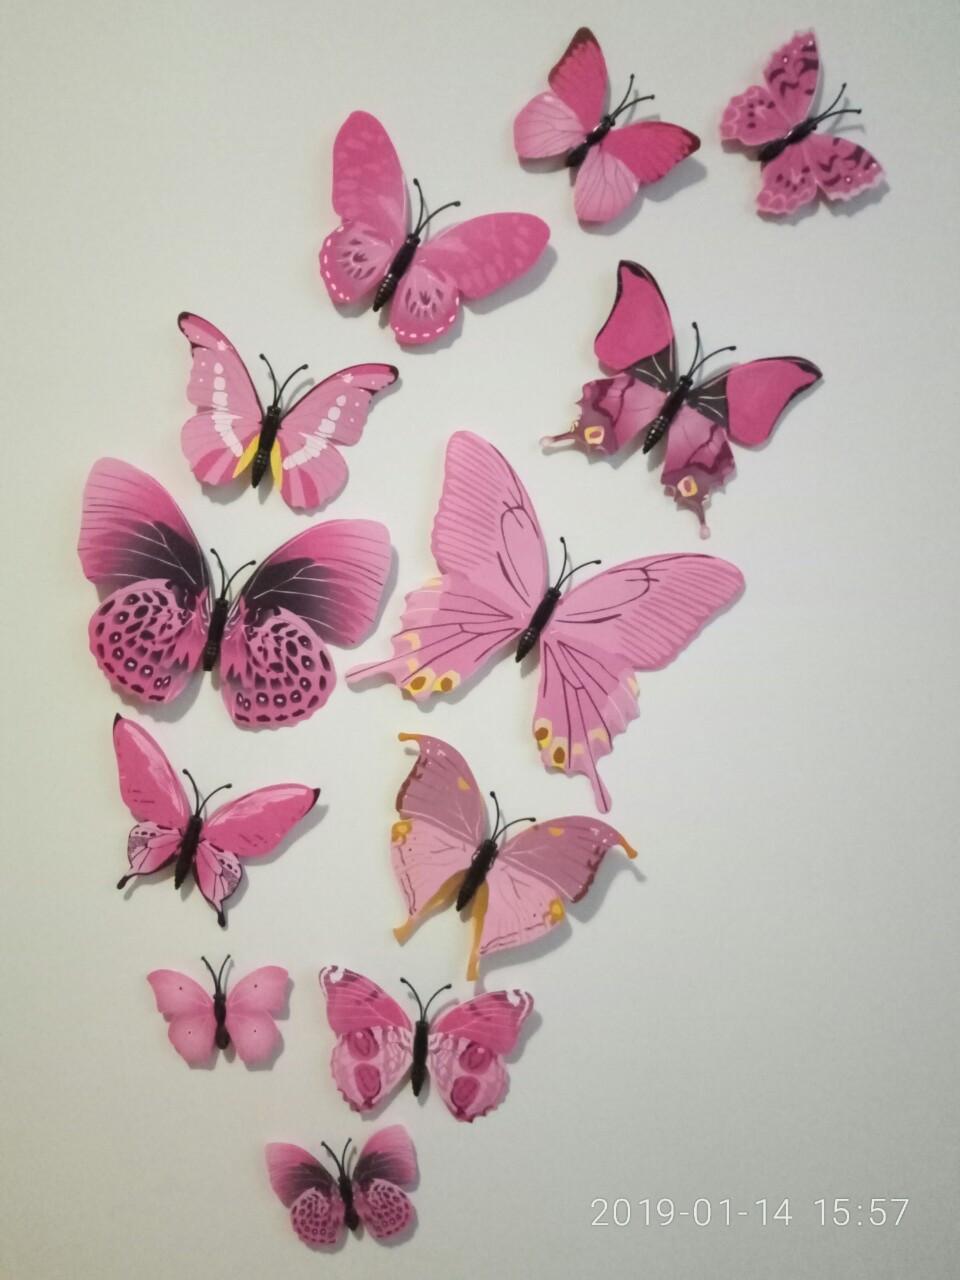 Как нарисовать бабочку в 3d Иллюзия объема БЕЗ КАМЕРЫ и под любыми ... | 1280x960